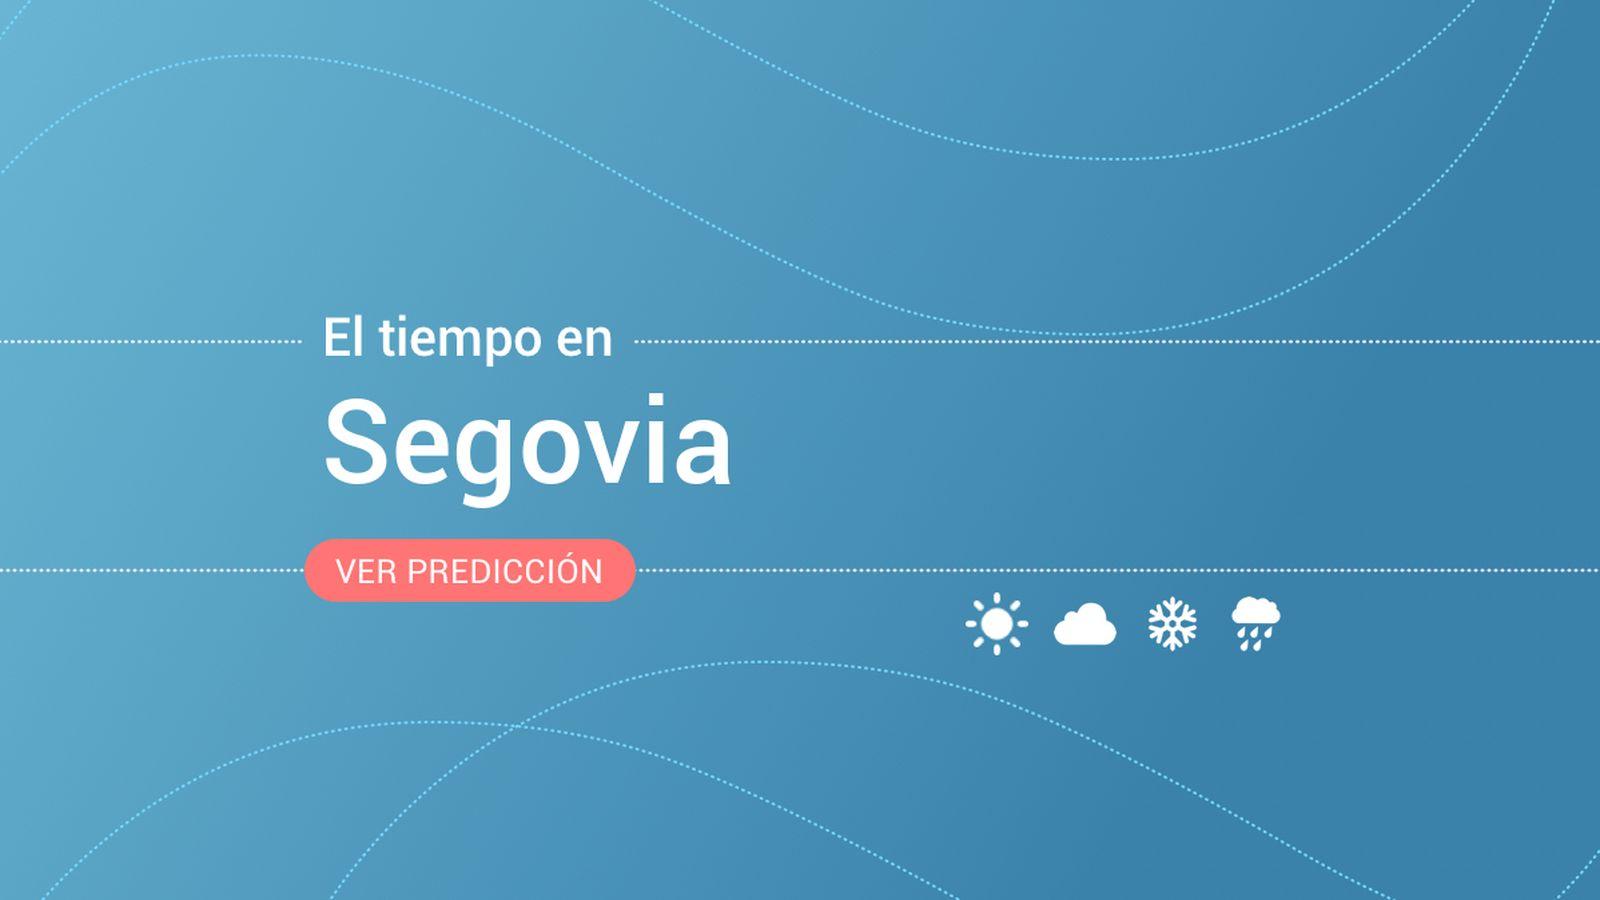 Foto: El tiempo en Segovia. (EC)